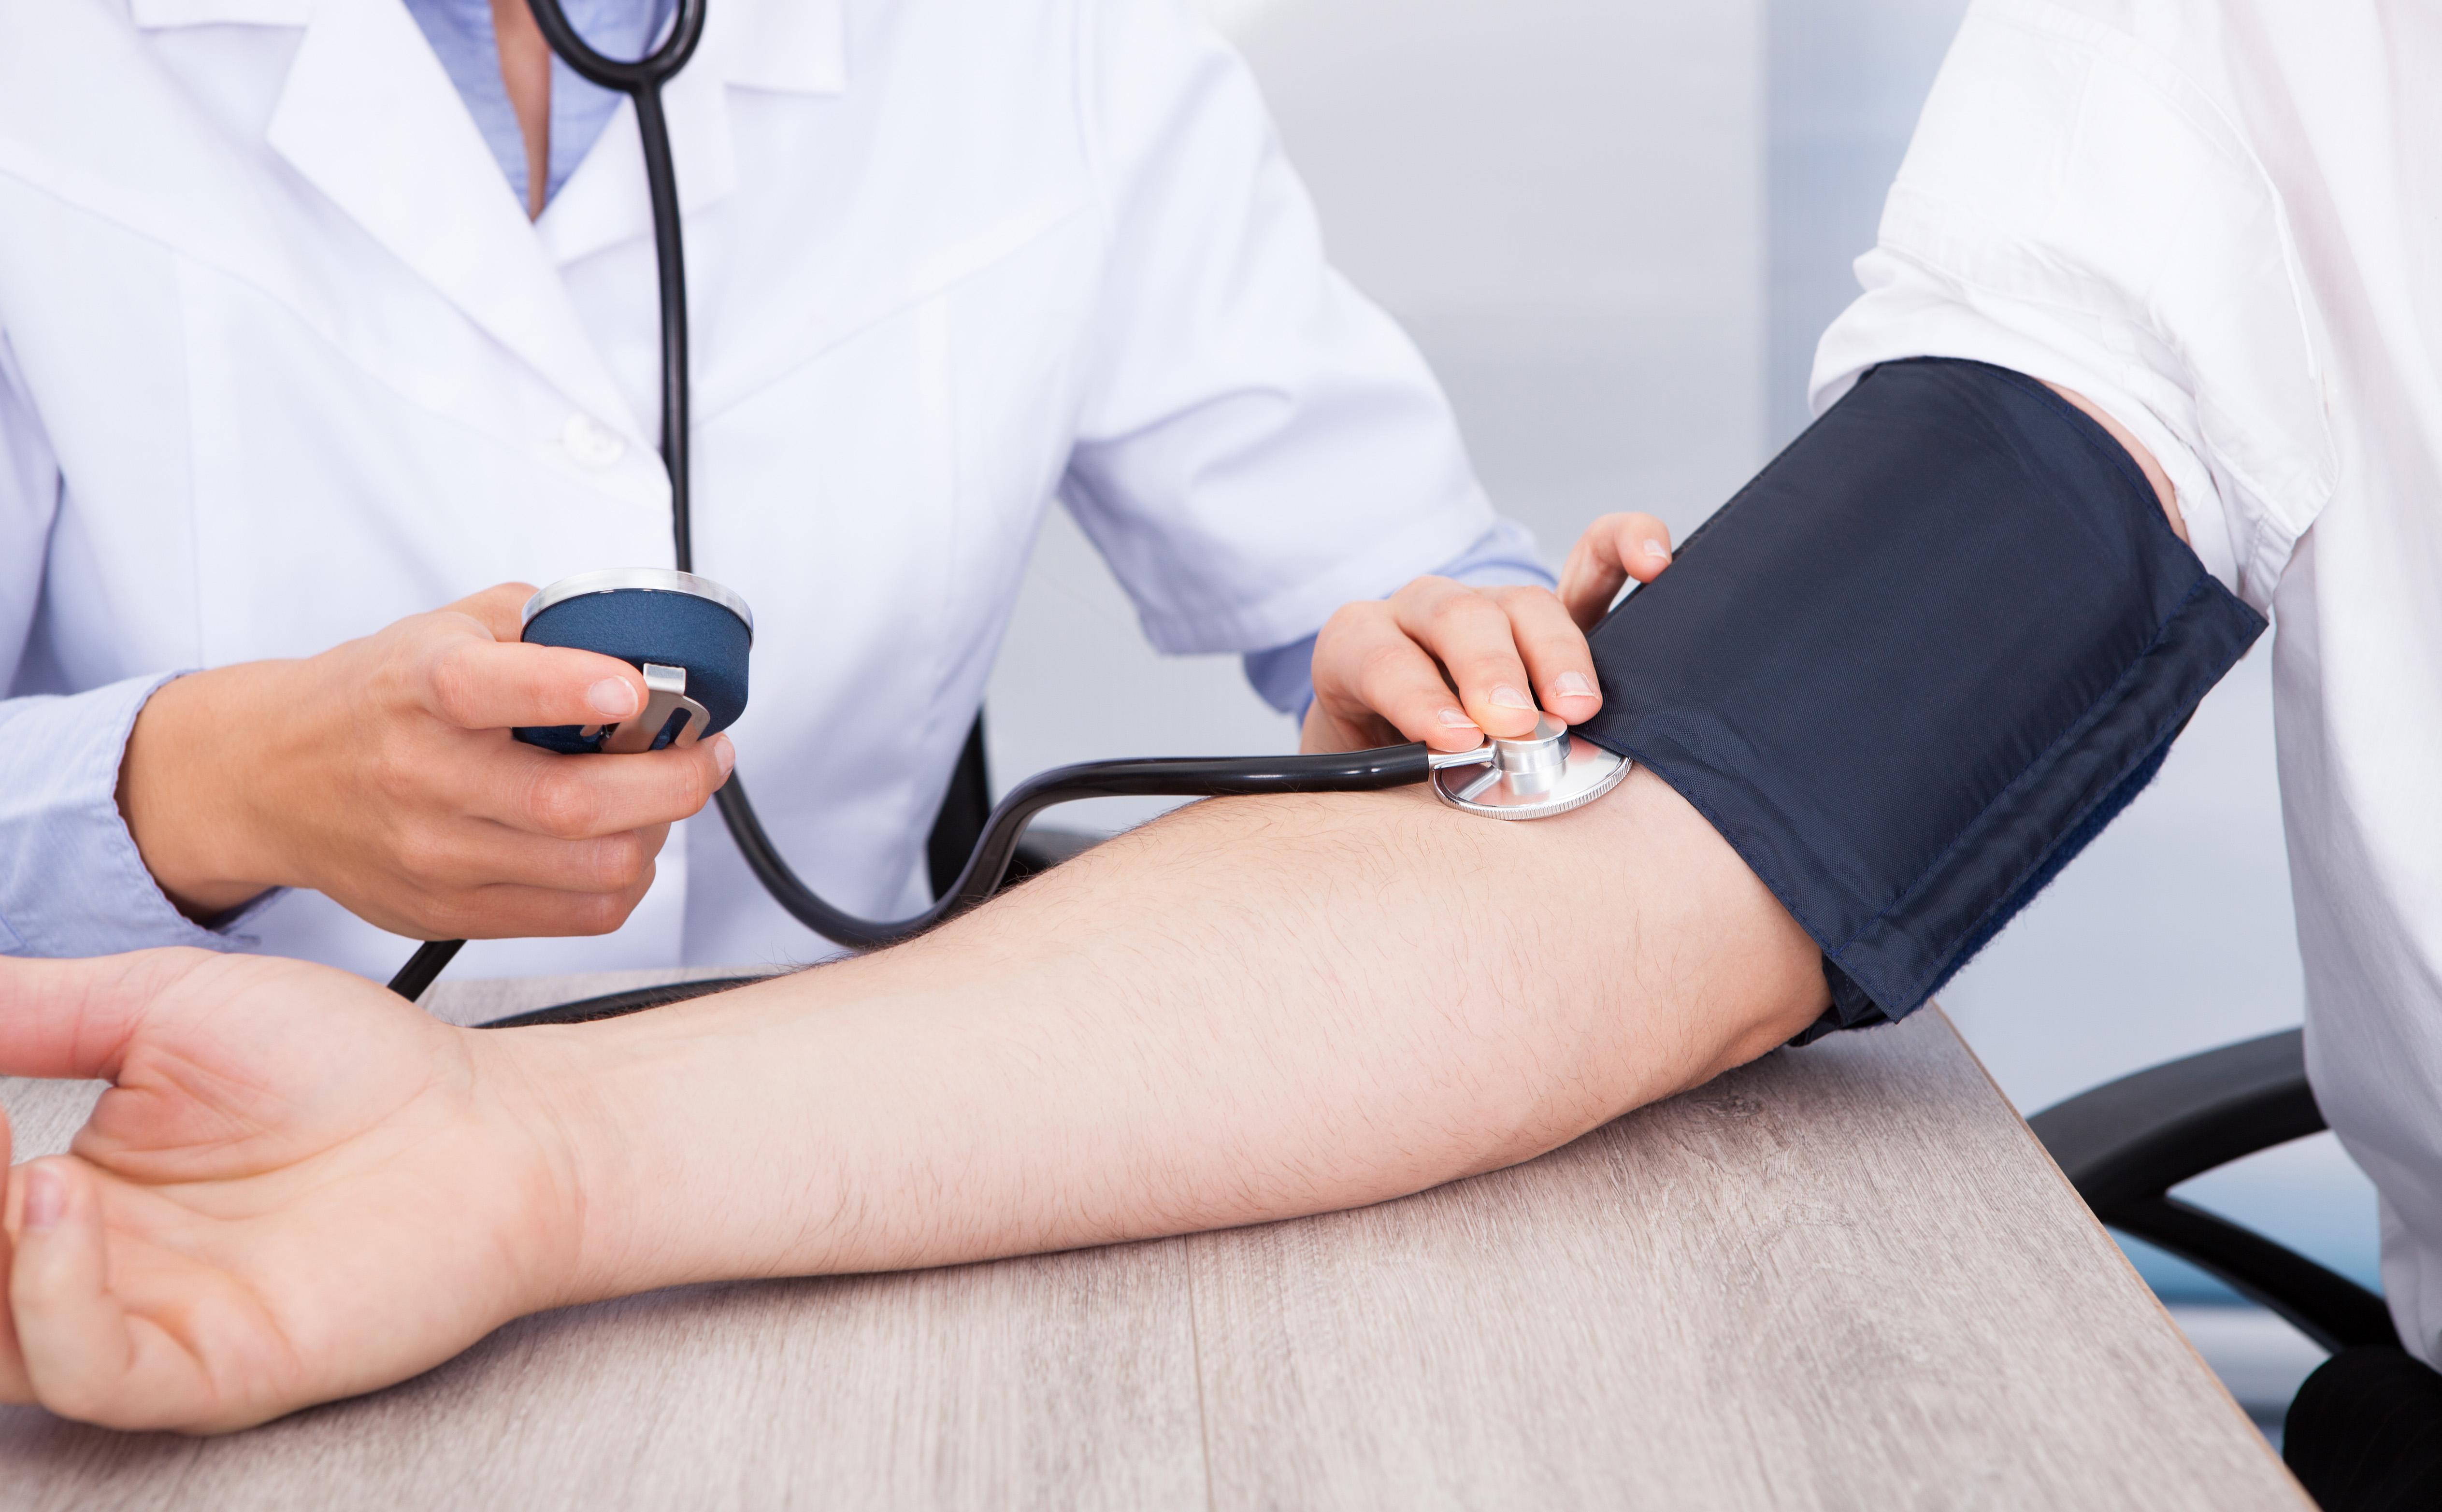 segítség a magas vérnyomásban szenvedő erek számára